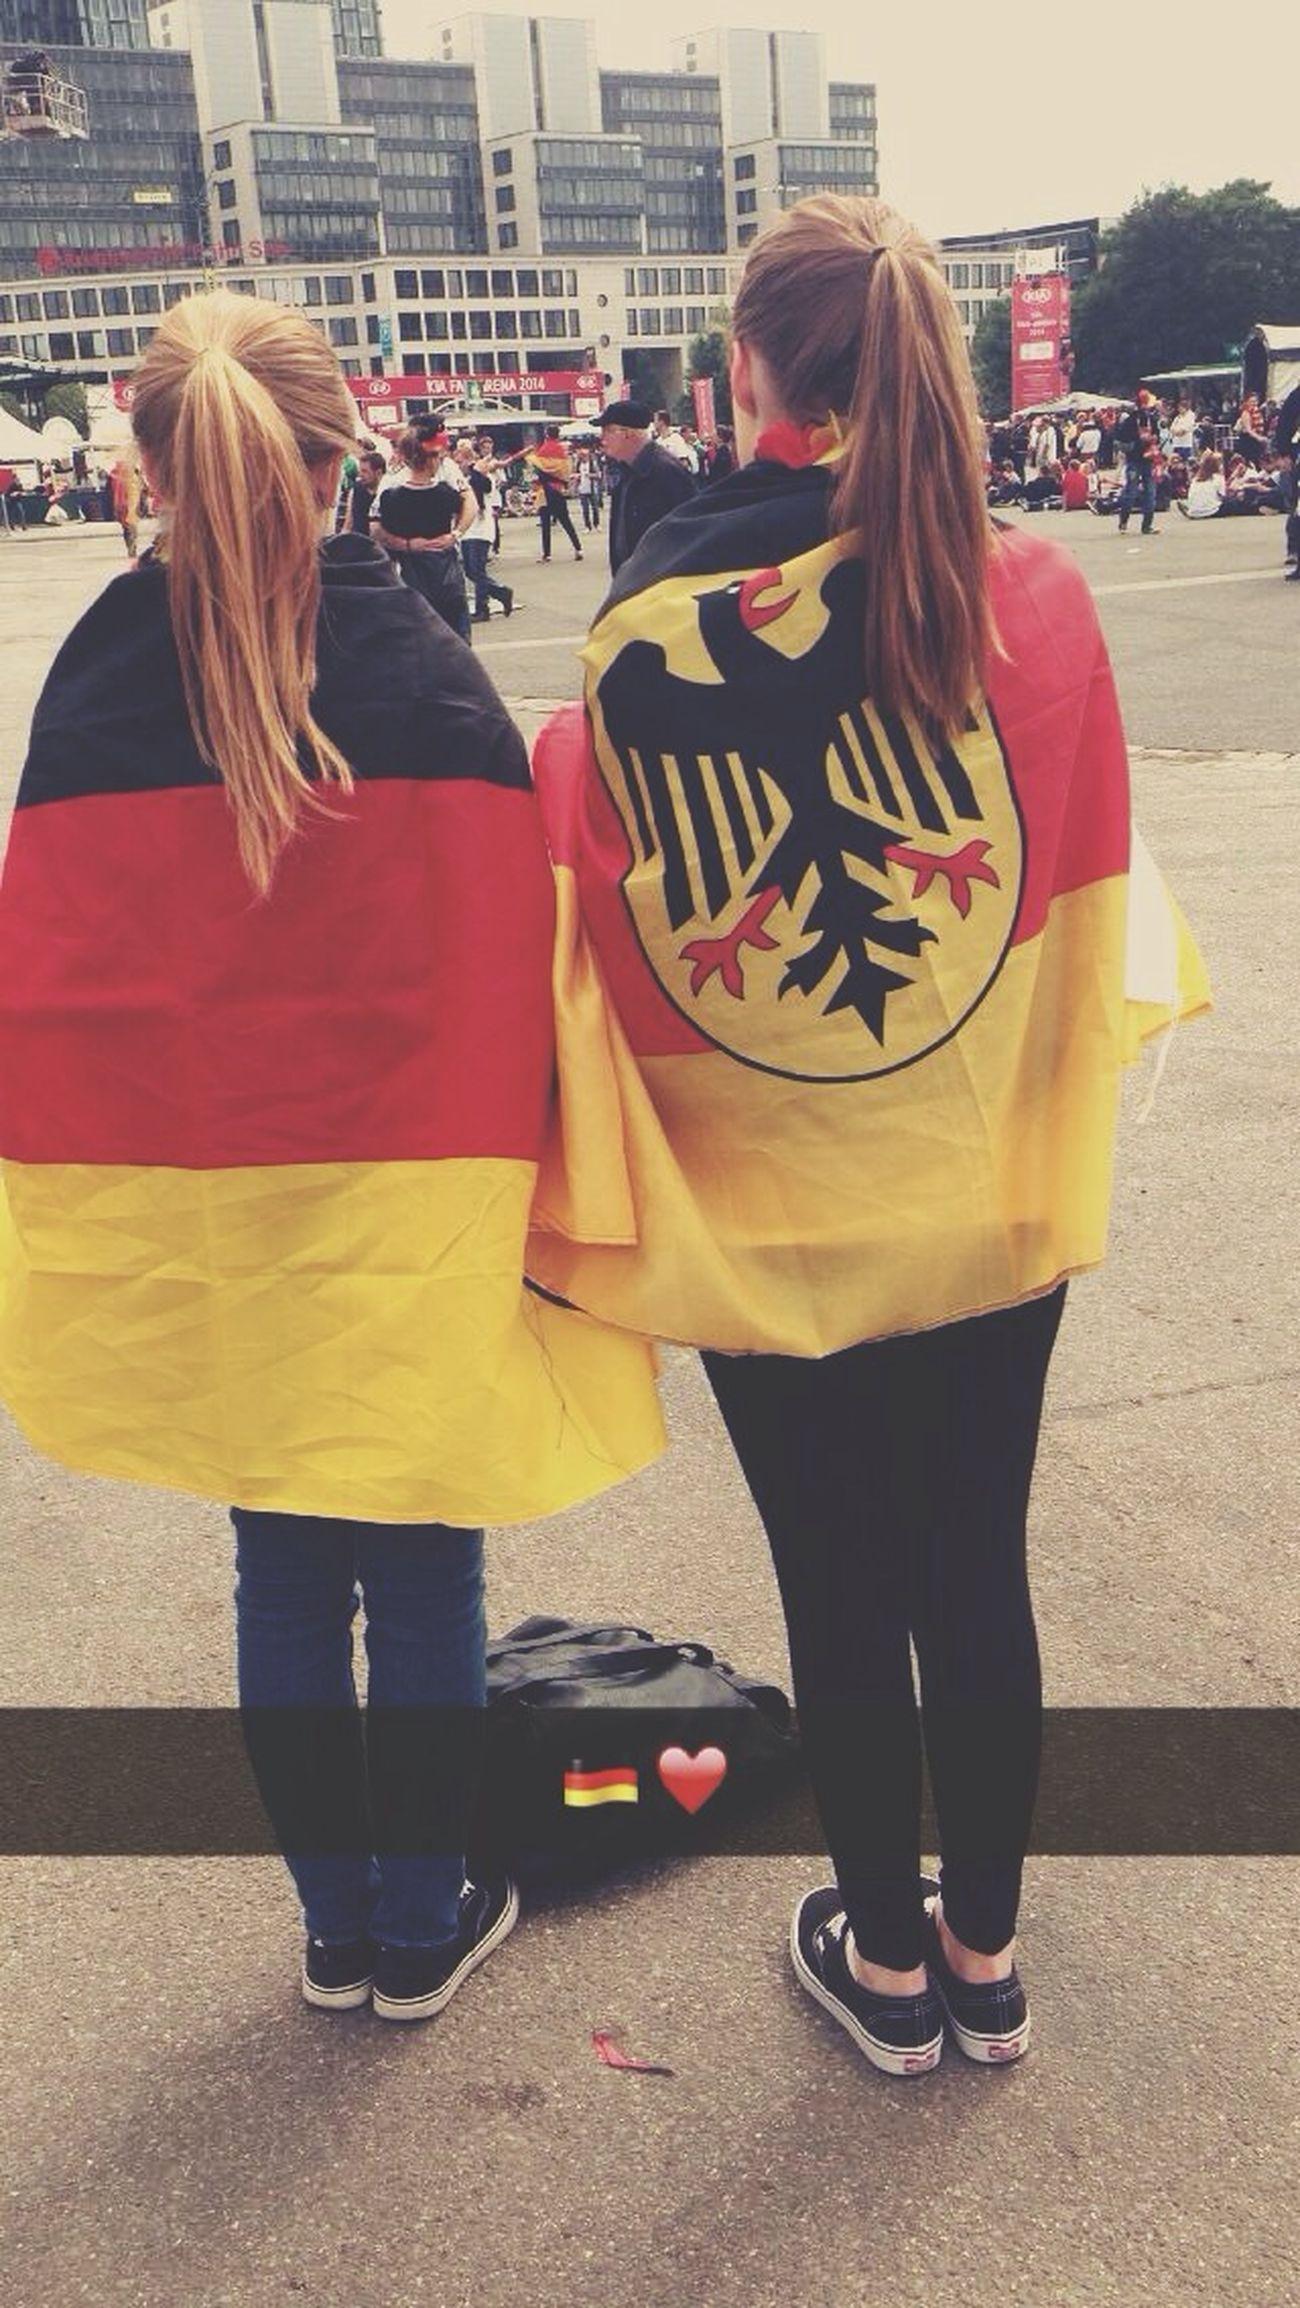 Deutschland Gewinnt Die Weltmeisterschaft 4:0